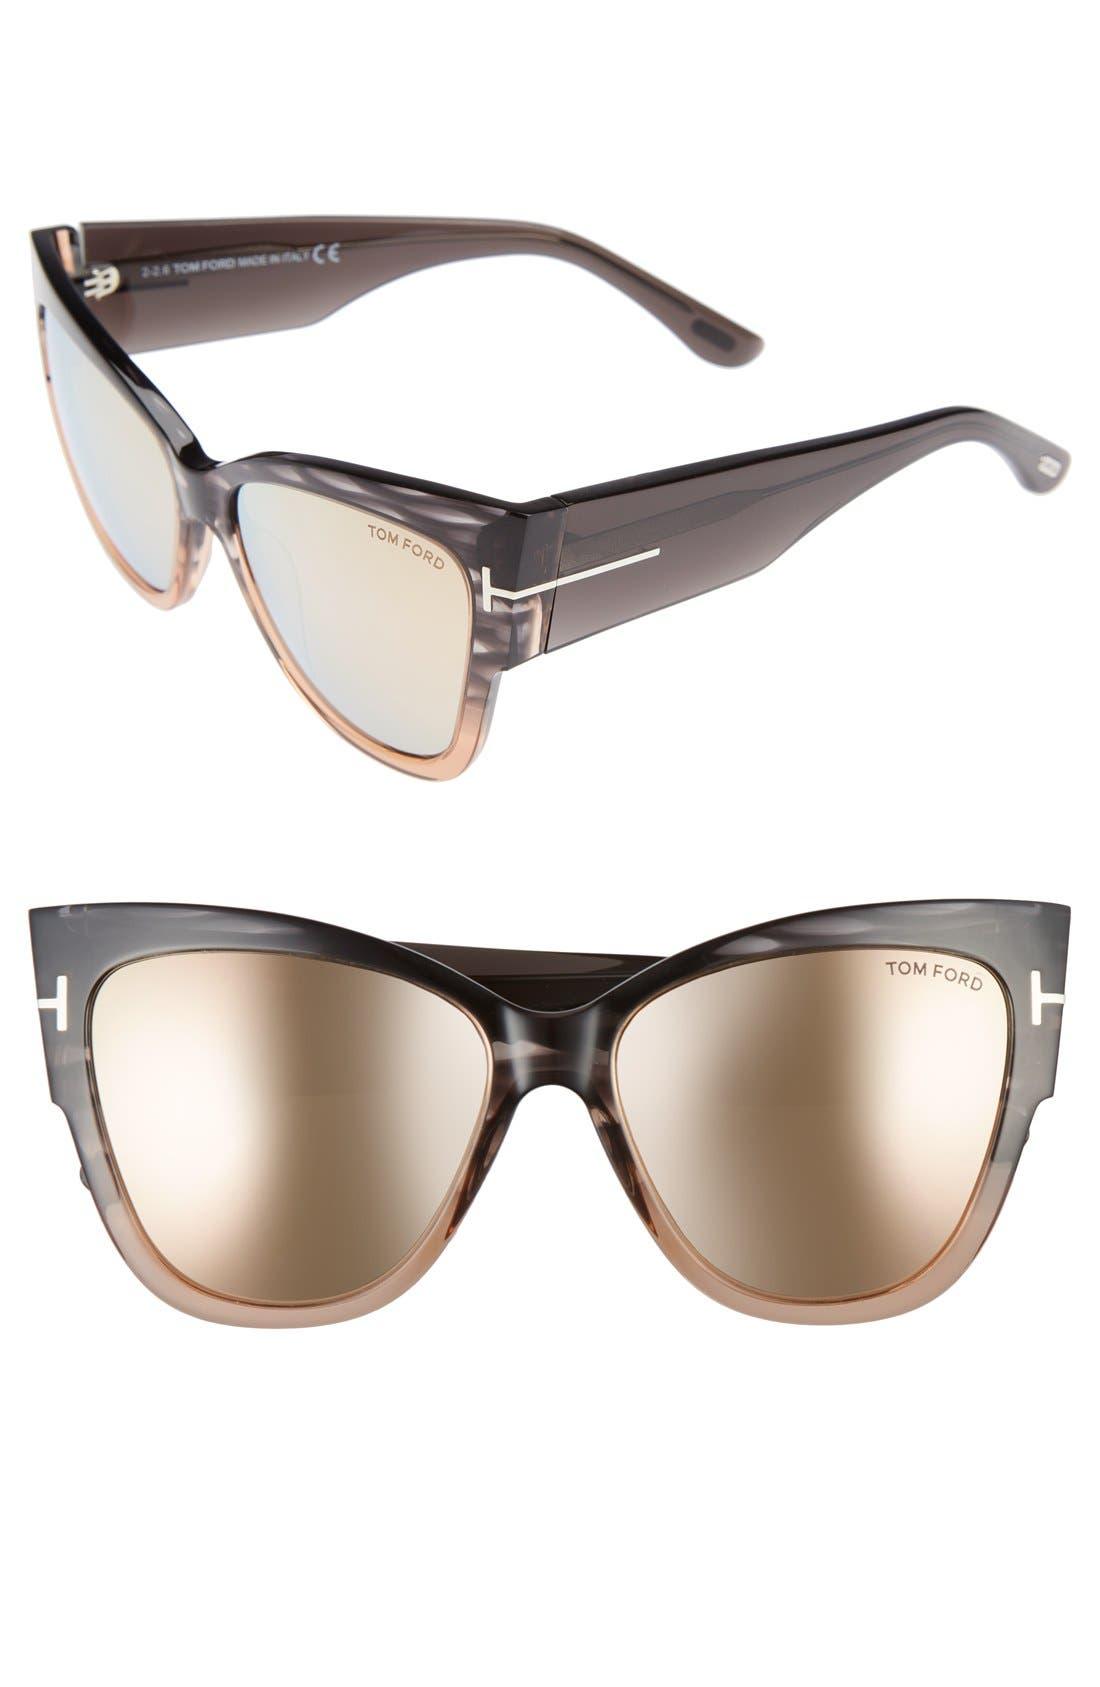 Tom Ford Anoushka 57mm Gradient Cat Eye Sunglasses | Nordstrom